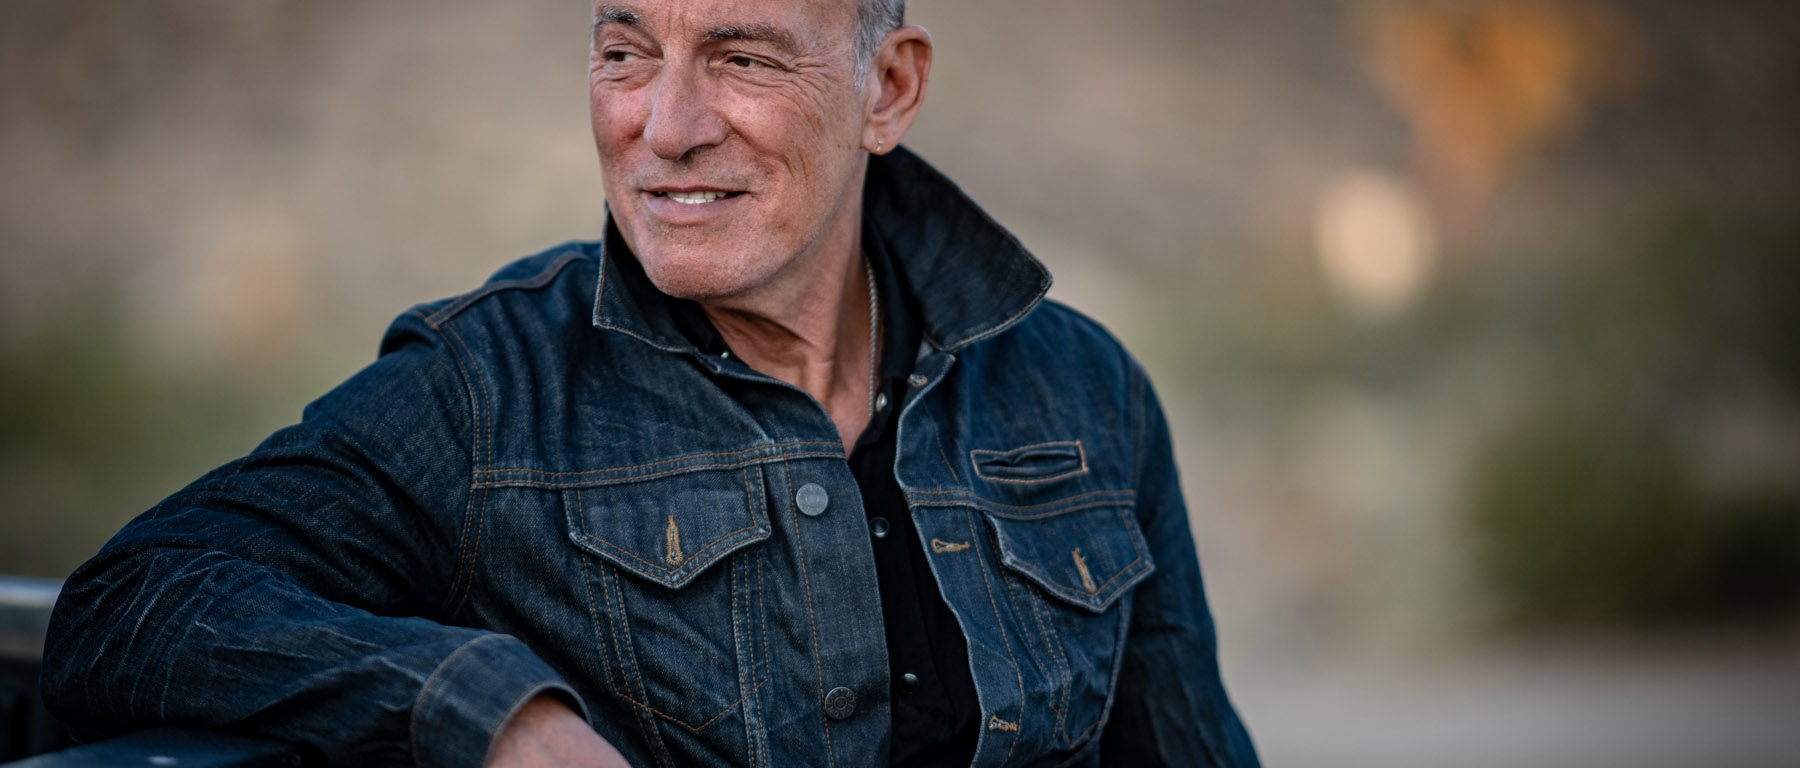 Bruce Springsteen fost trimis în instanță pentru conducerea sub influența alcoolului